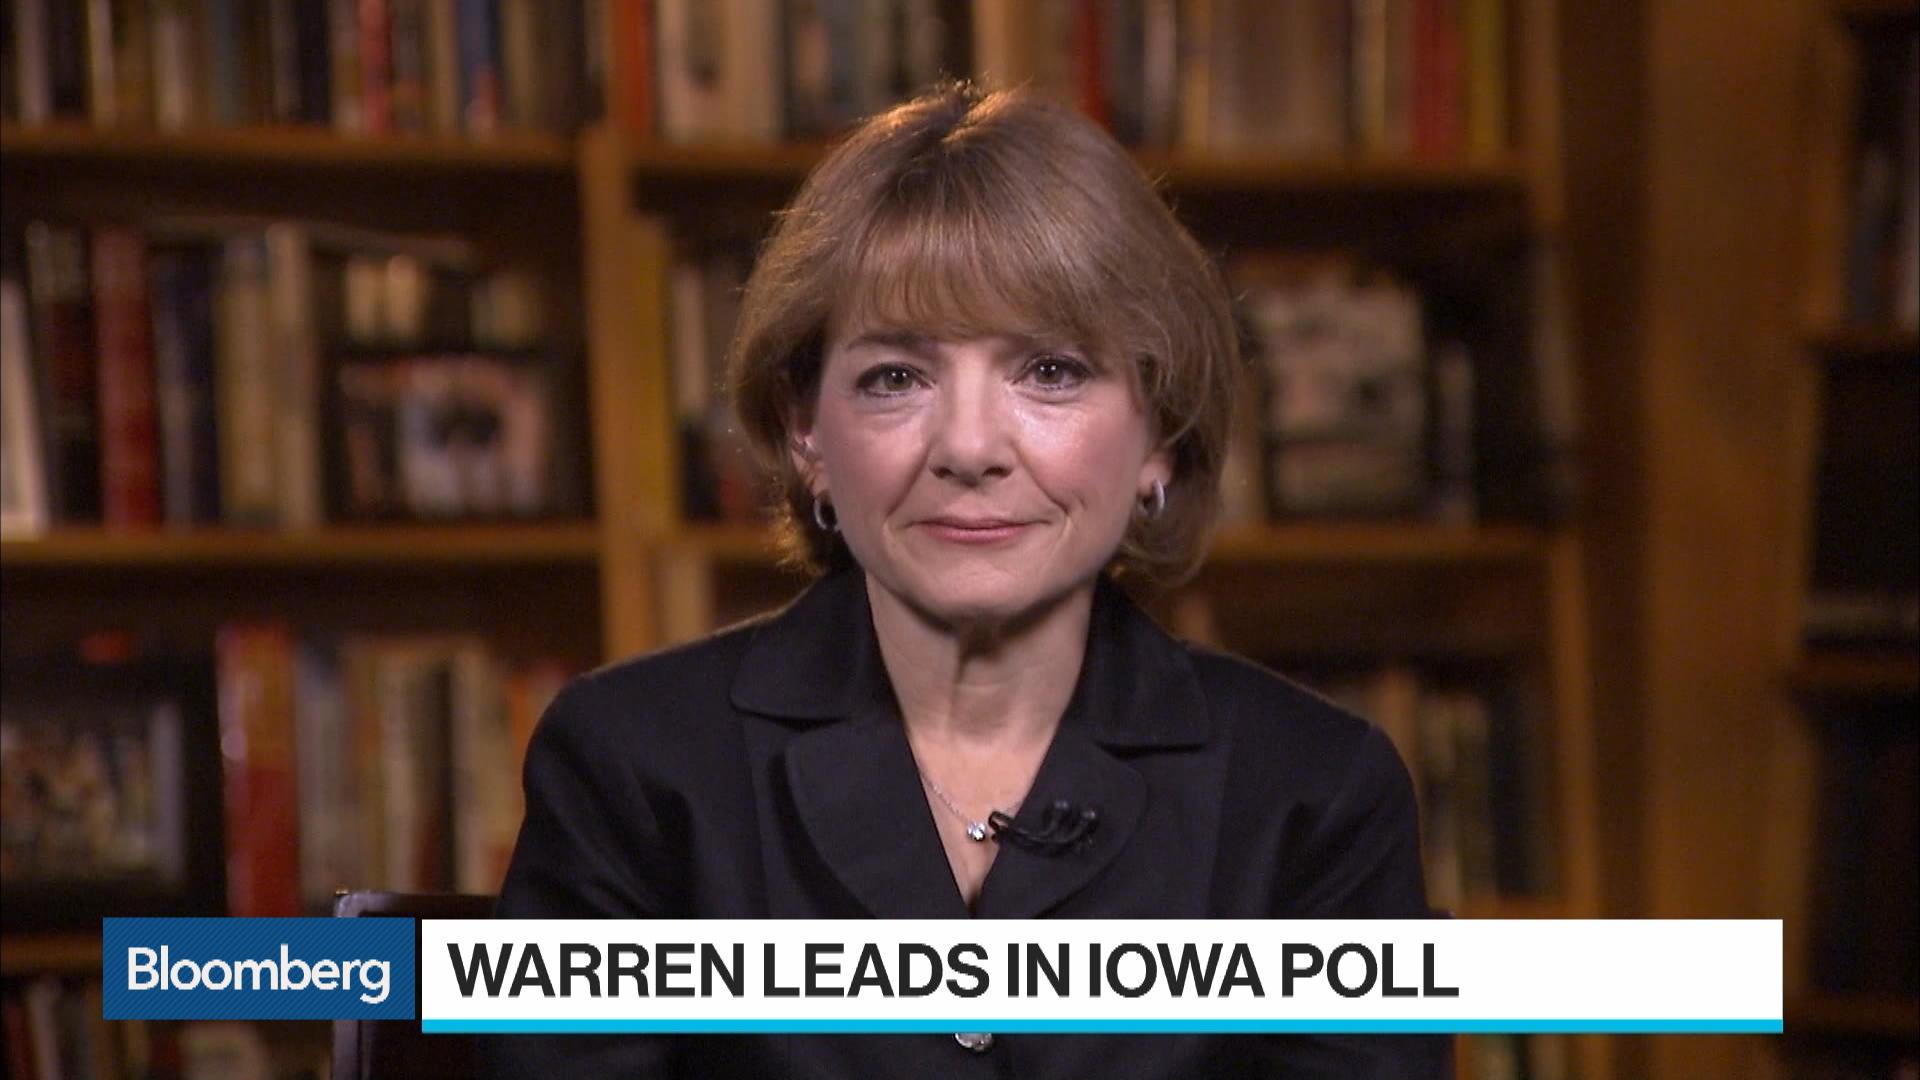 Brown University's Schiller: Warren Attracting A Lot Of Support